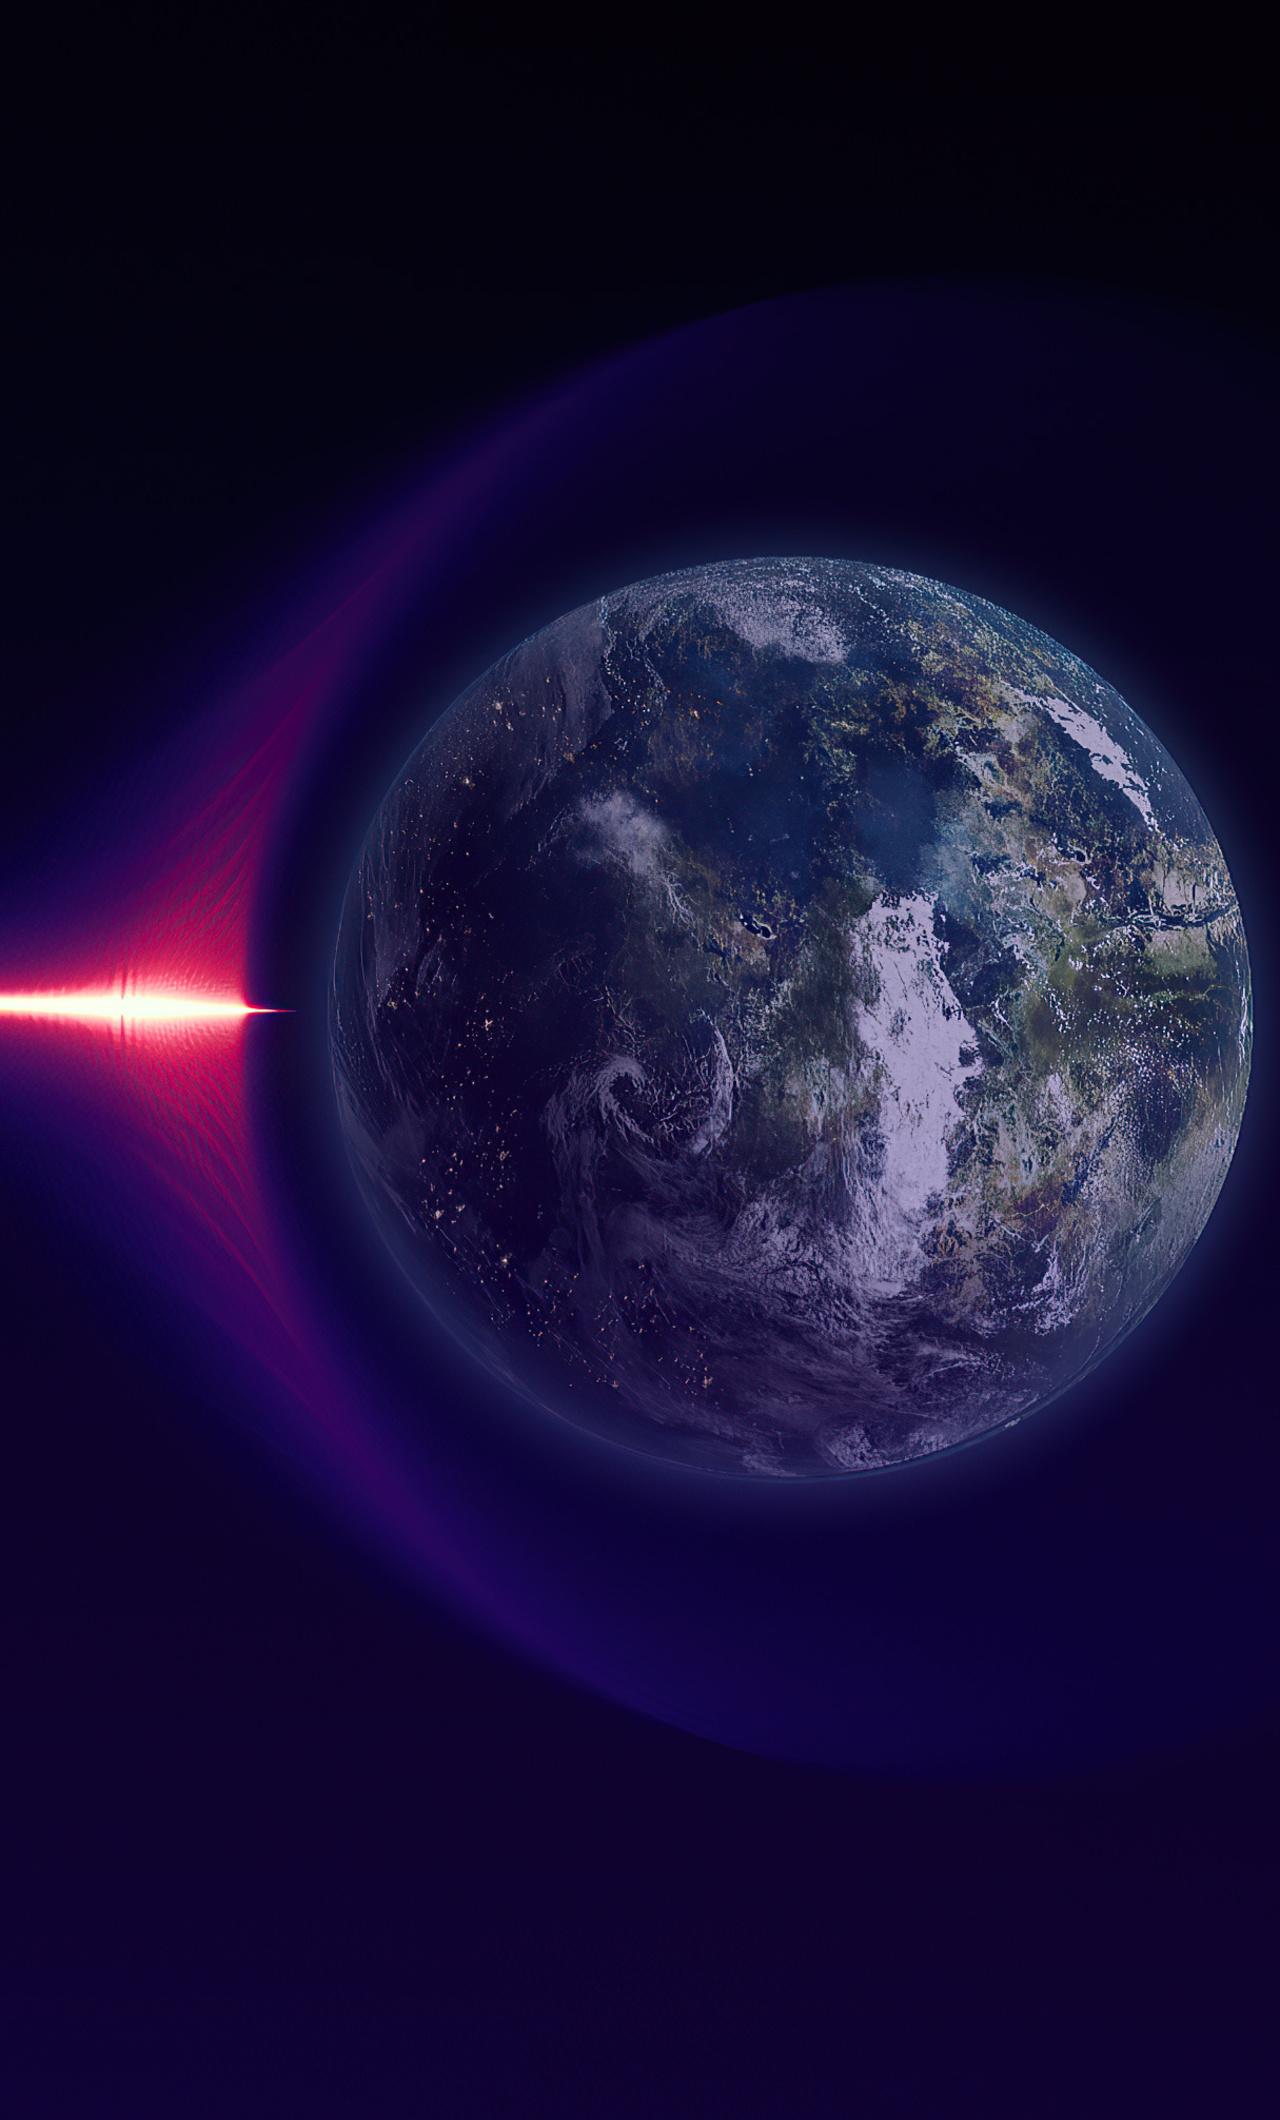 earth-space-depth-of-field-4k-gw.jpg